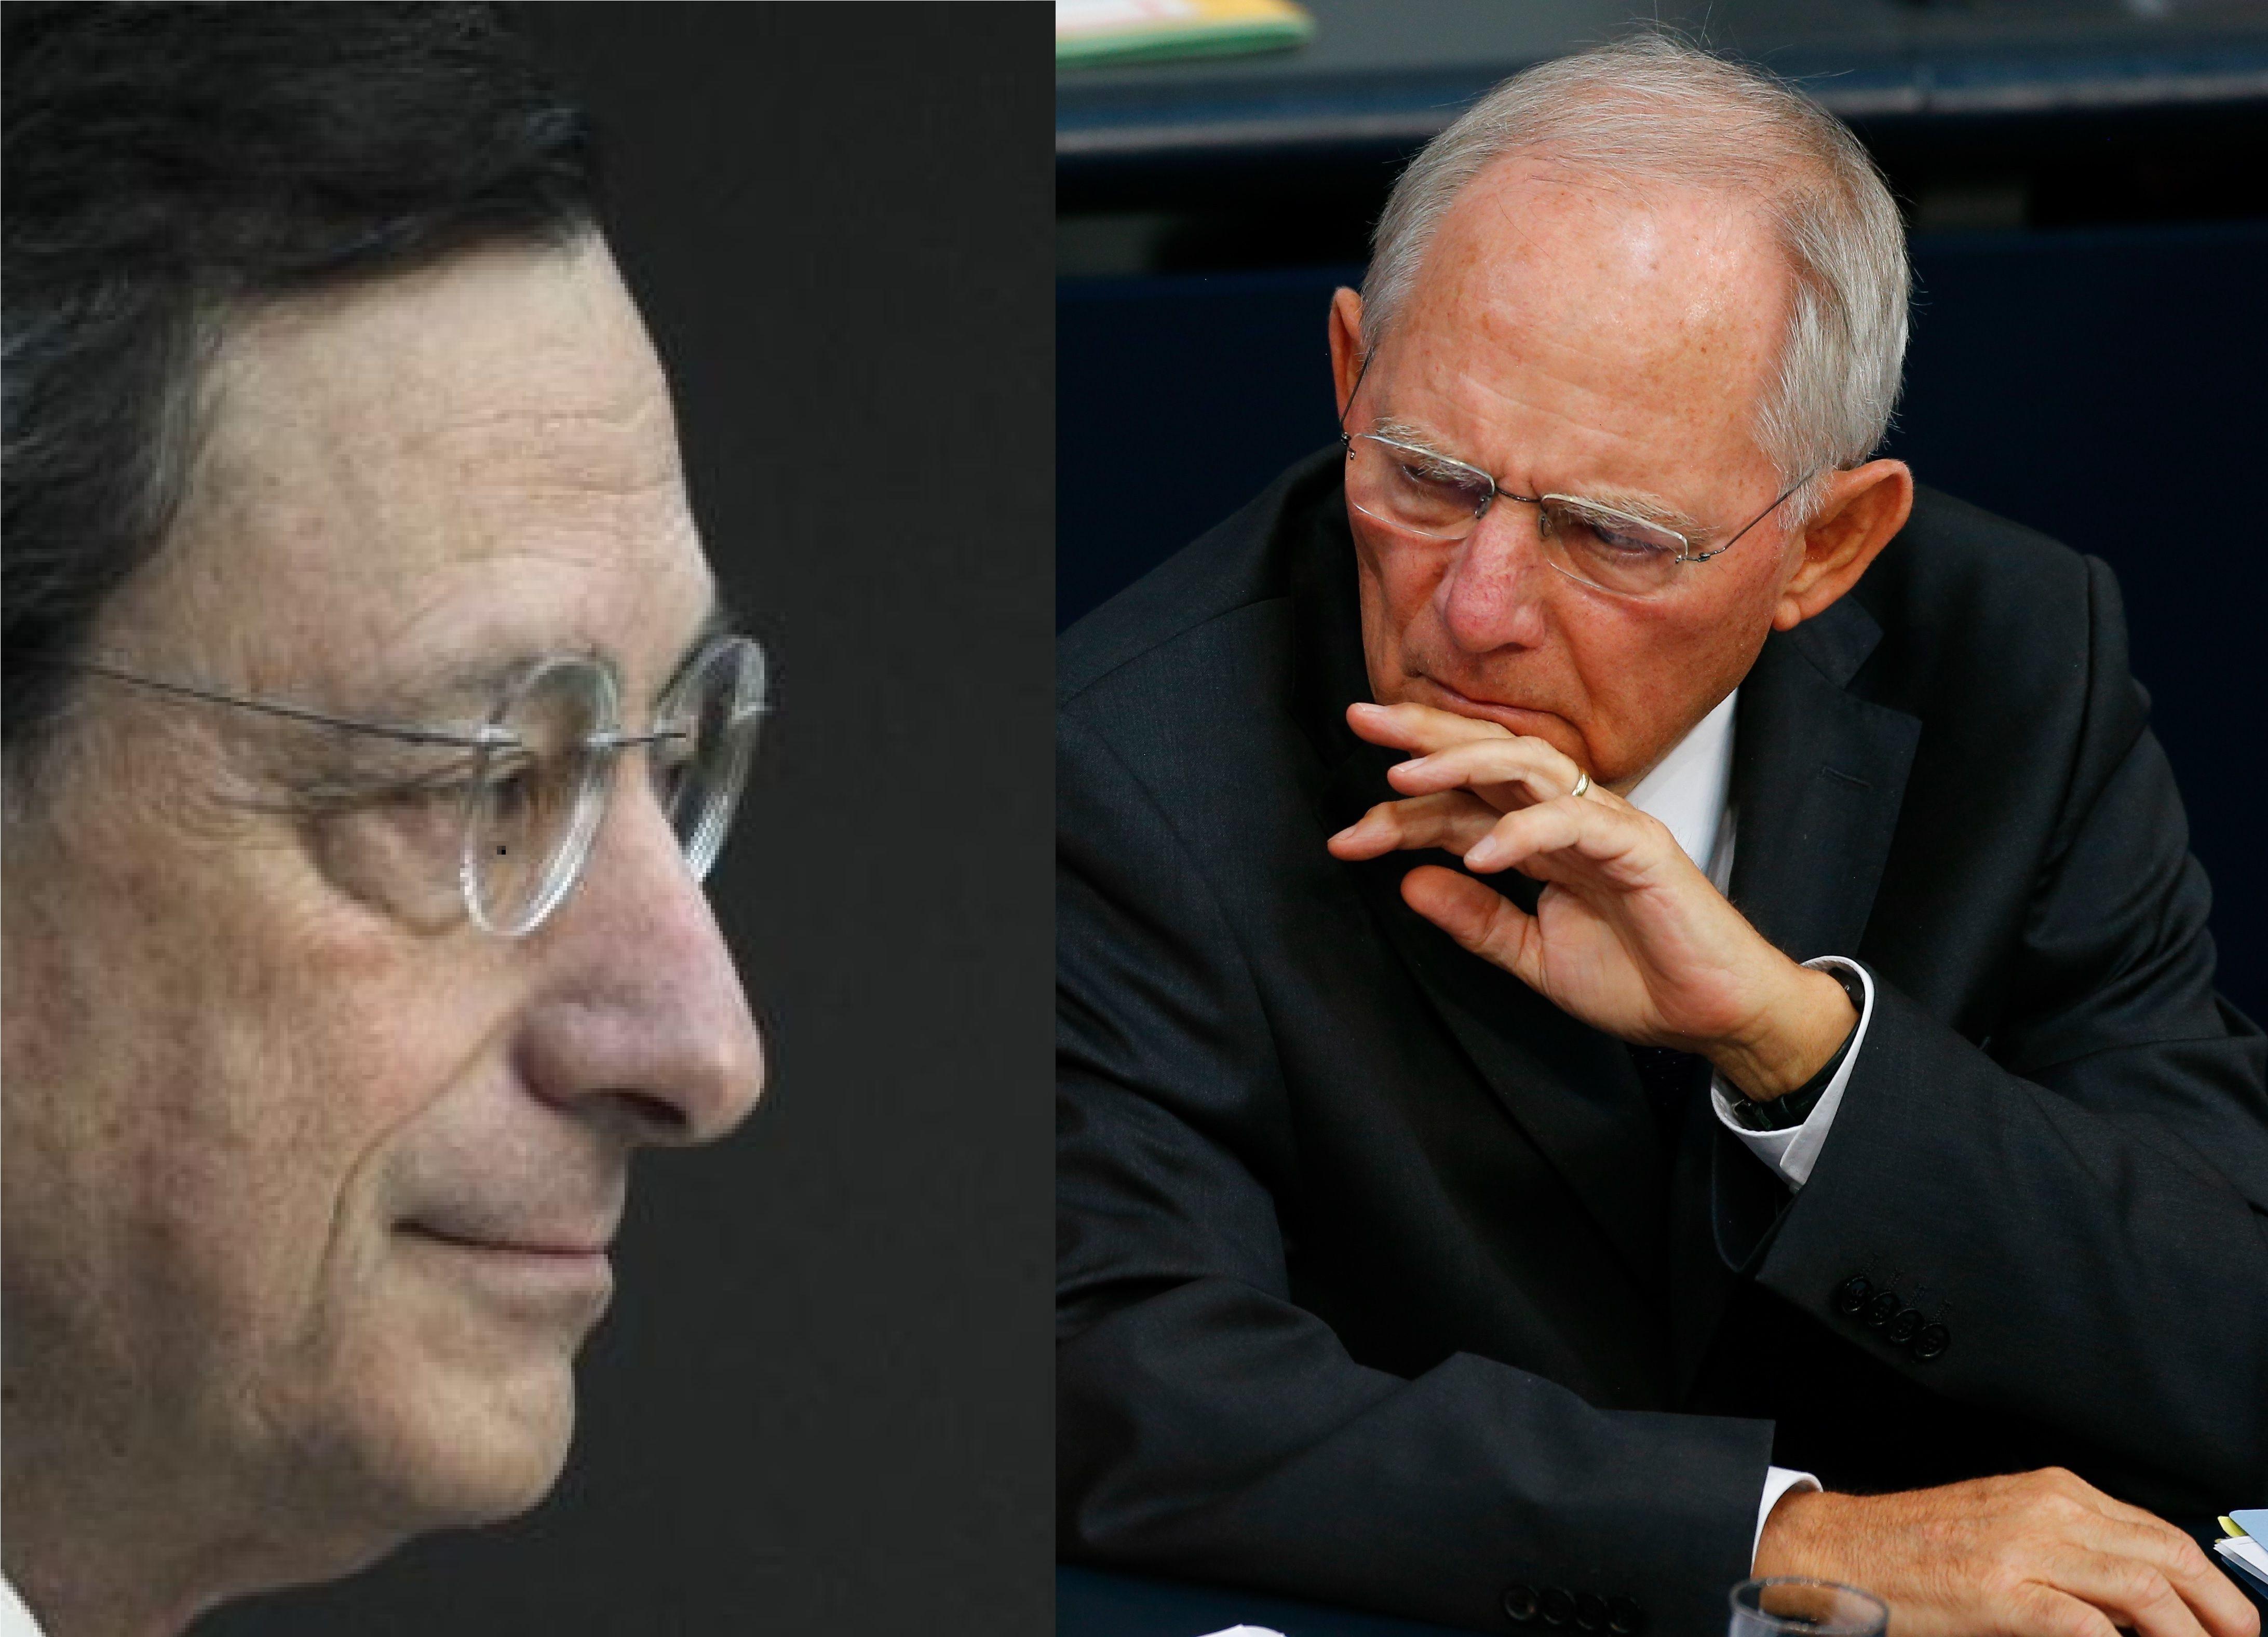 Berlin en guerre contre Draghi : et voilà donc la véritable idée que se fait l'Allemagne de l'indépendance de la BCE